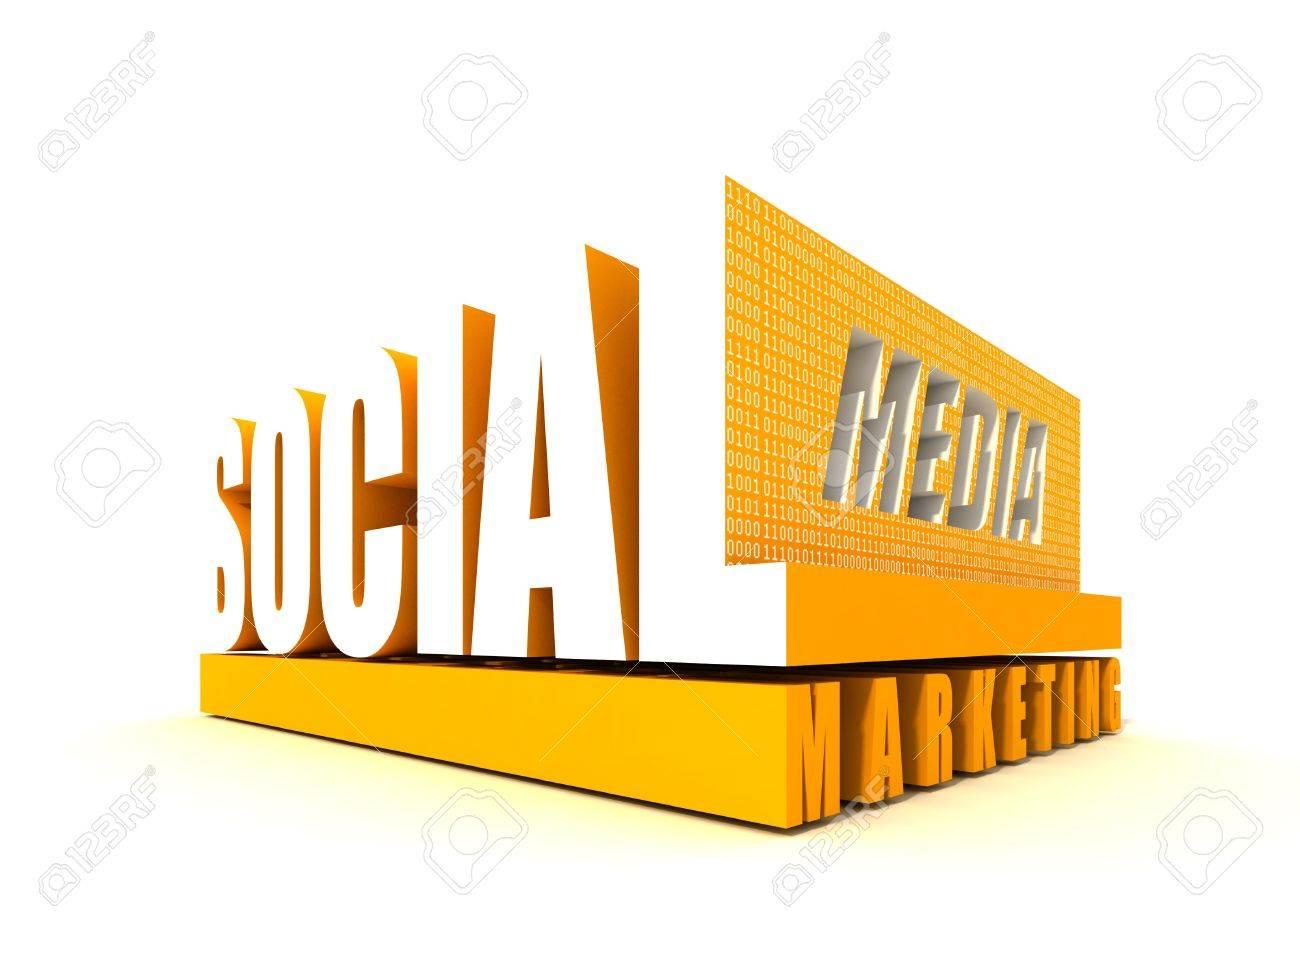 Social Media Marketing Stock Photo - 10960508